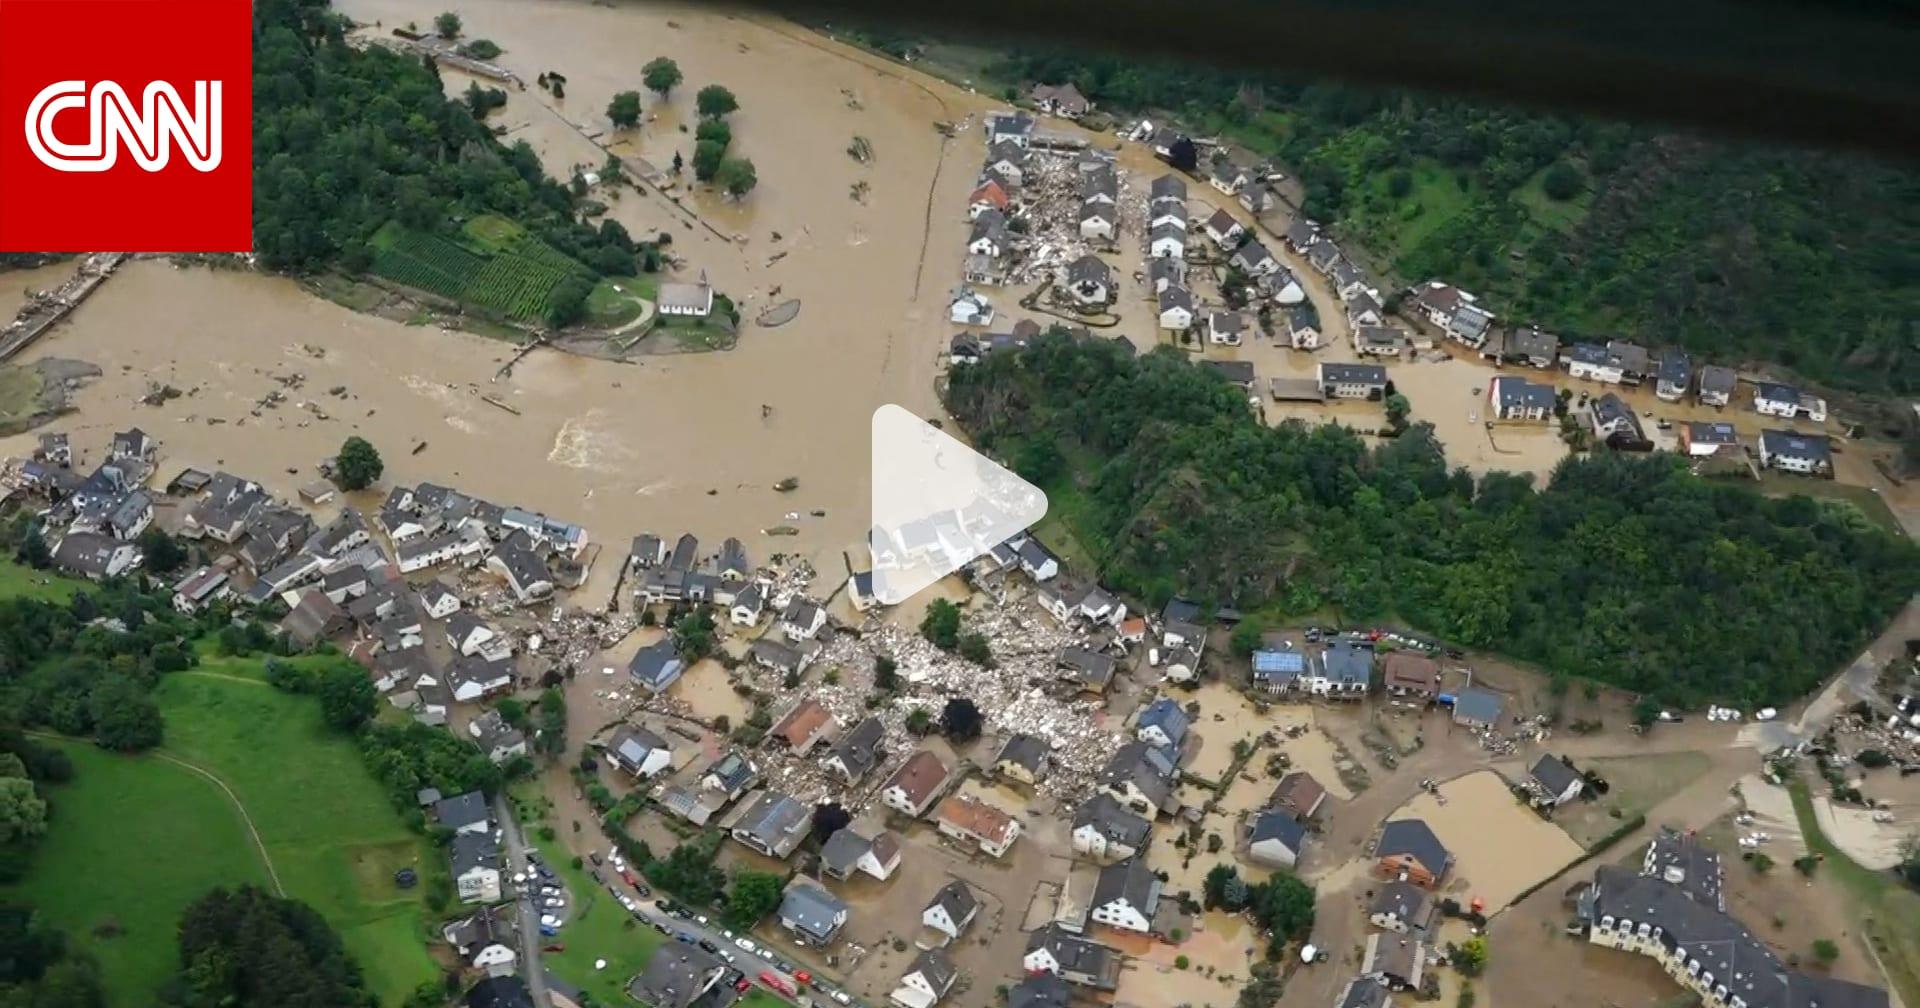 الأسوأ منذ عقود.. فيضانات كارثية تودي بحياة 40 شخصًا على الأقل في ألمانيا